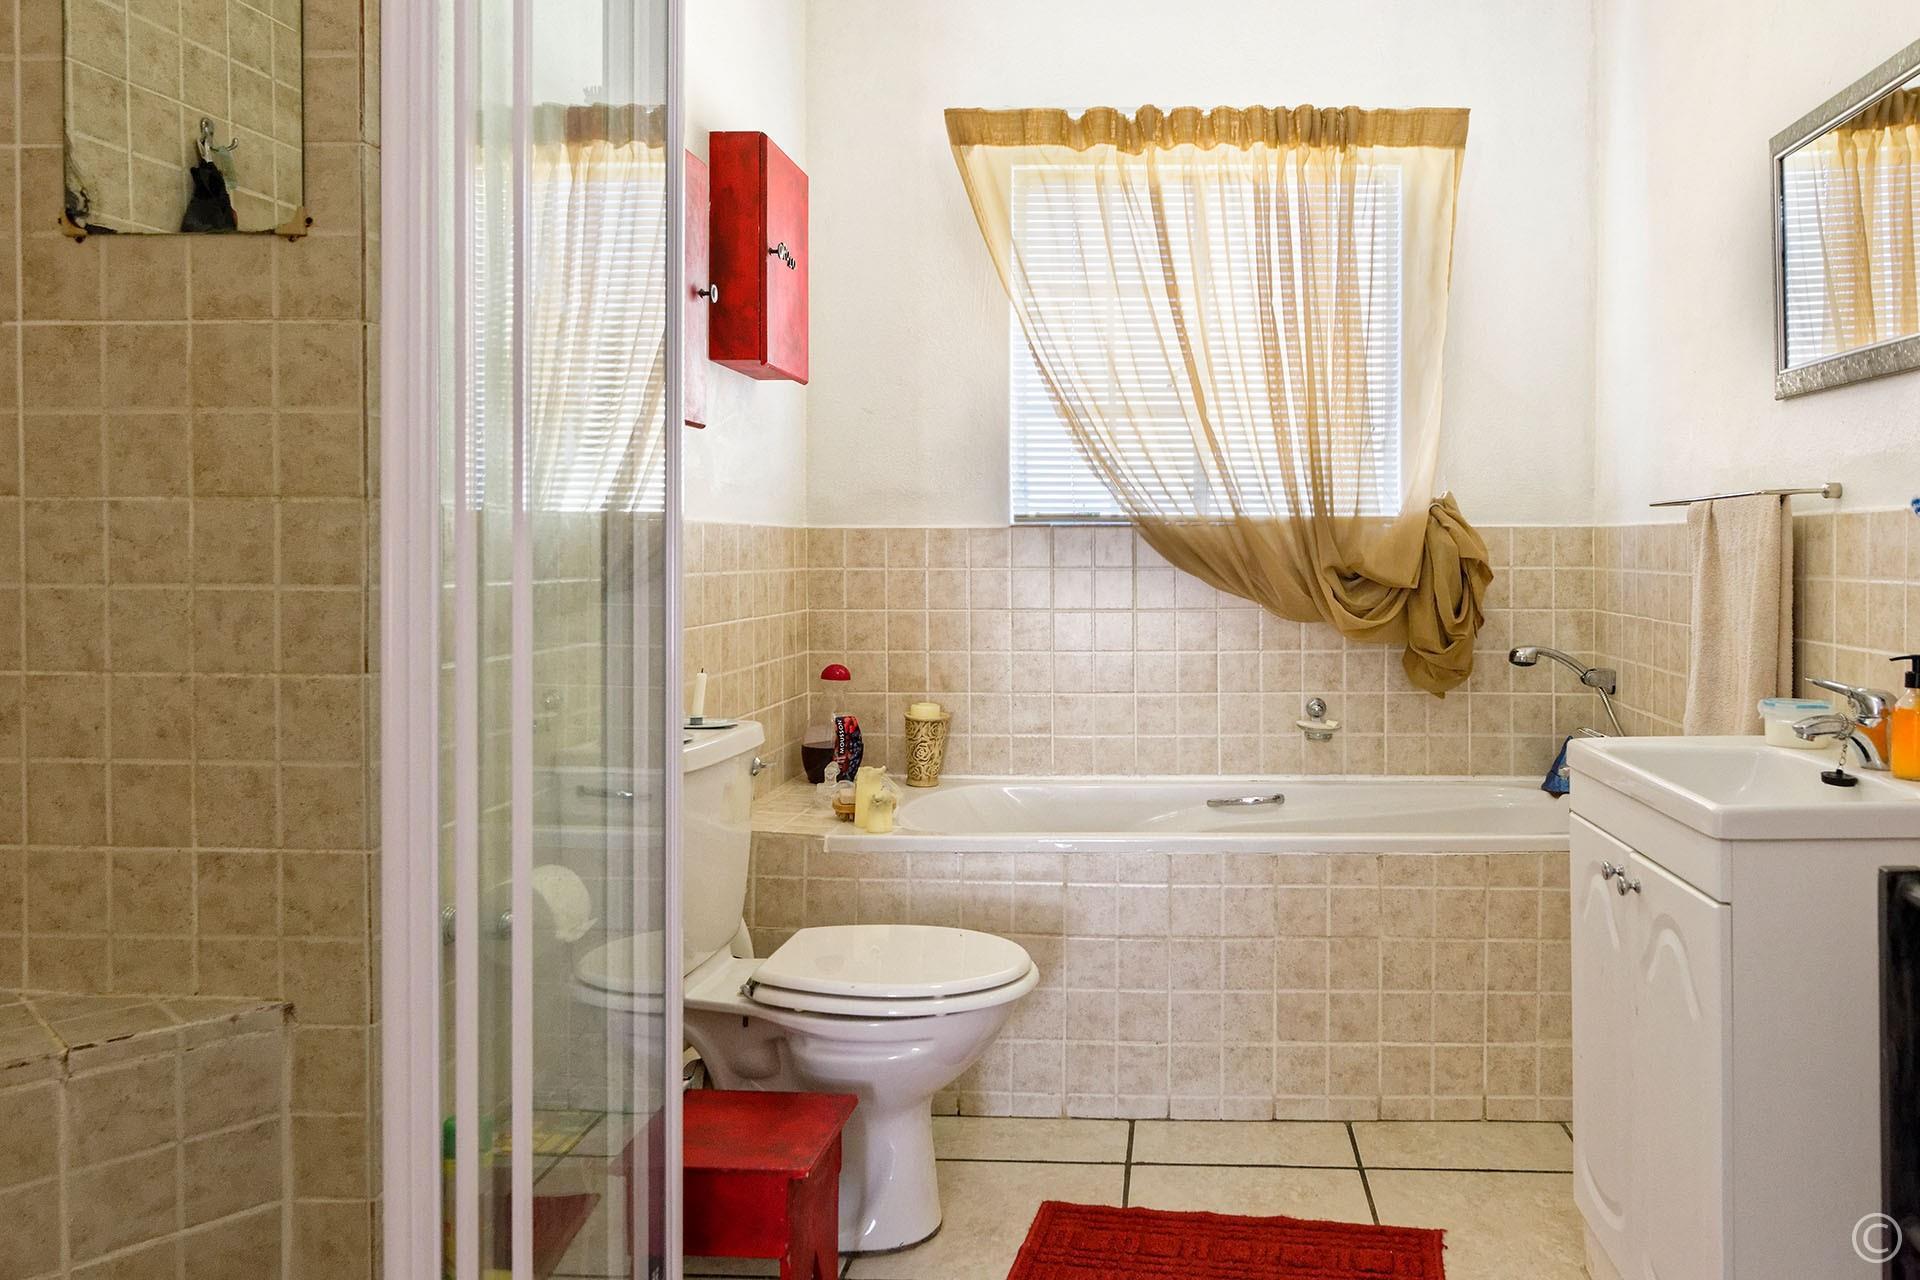 3 Bedroom Cluster For Sale in Sasolburg Central